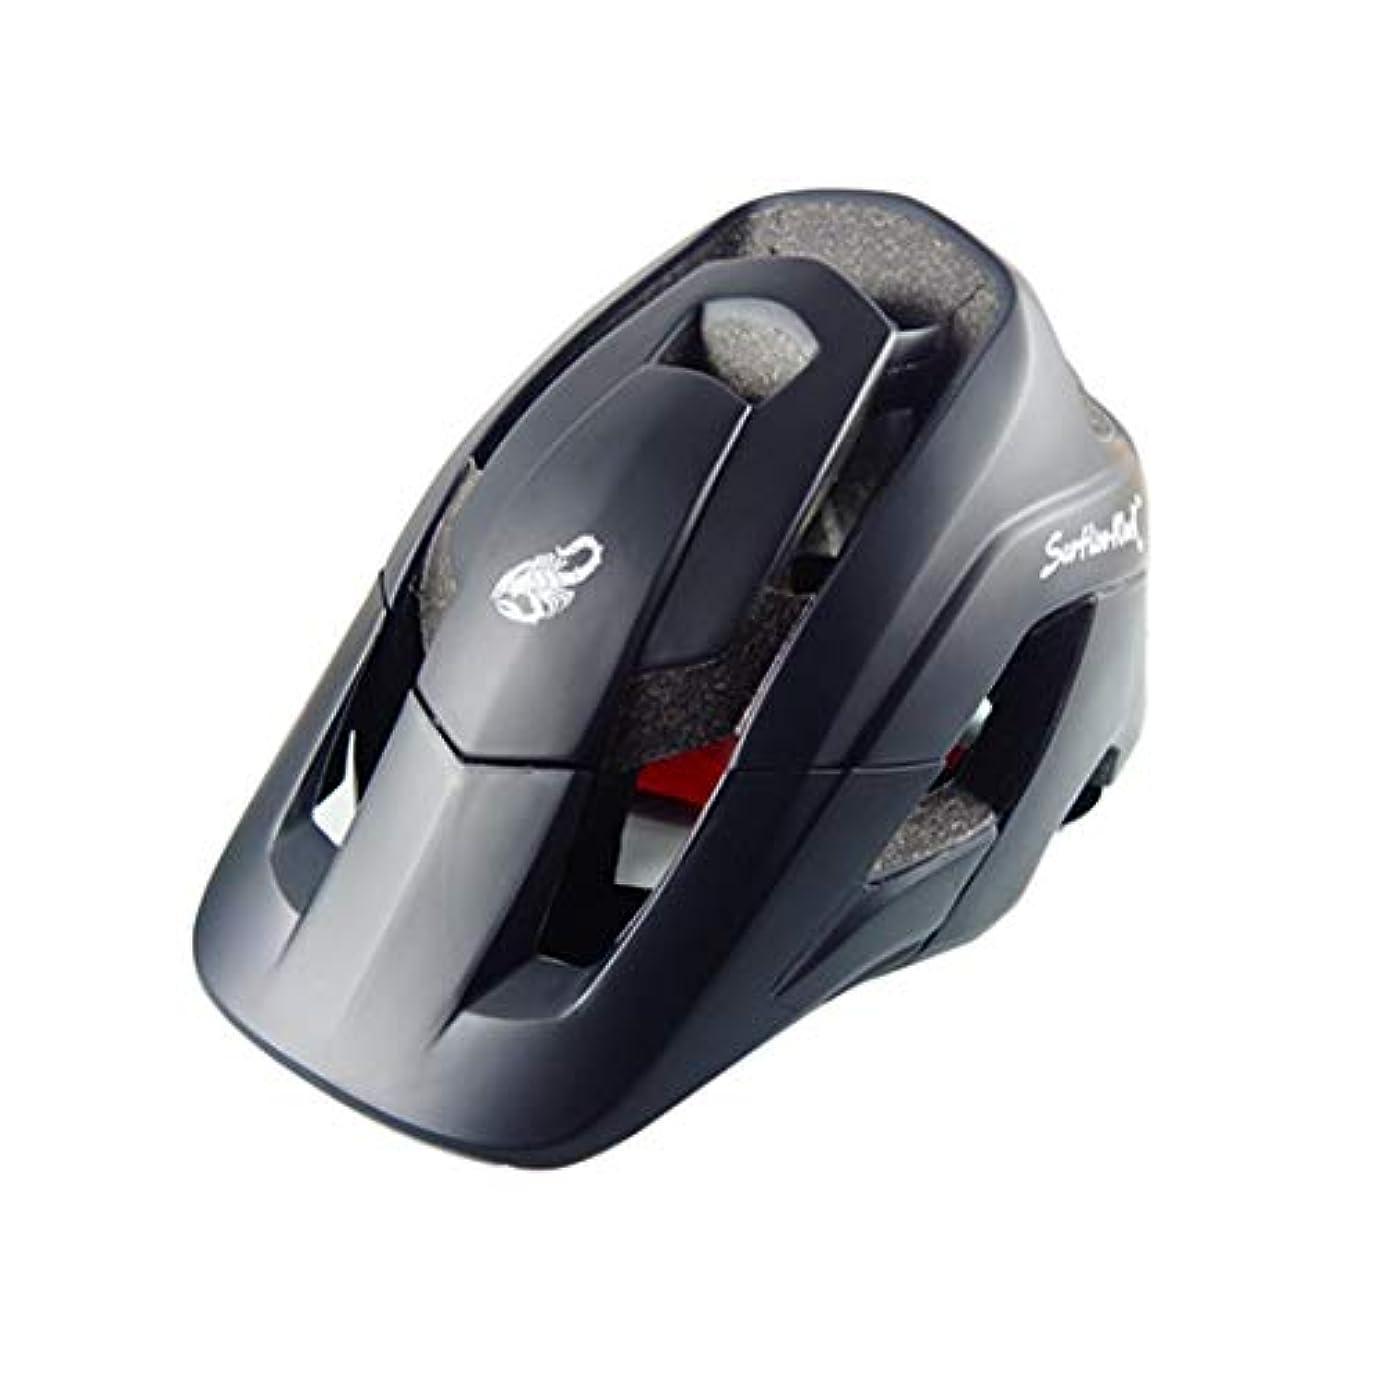 ビートインカ帝国長椅子LIJIAN サイズ:M、頭の長さ:54-58 cm、スポーツ用マウンテンバイク用保護ヘルメット (色 : ブラック)